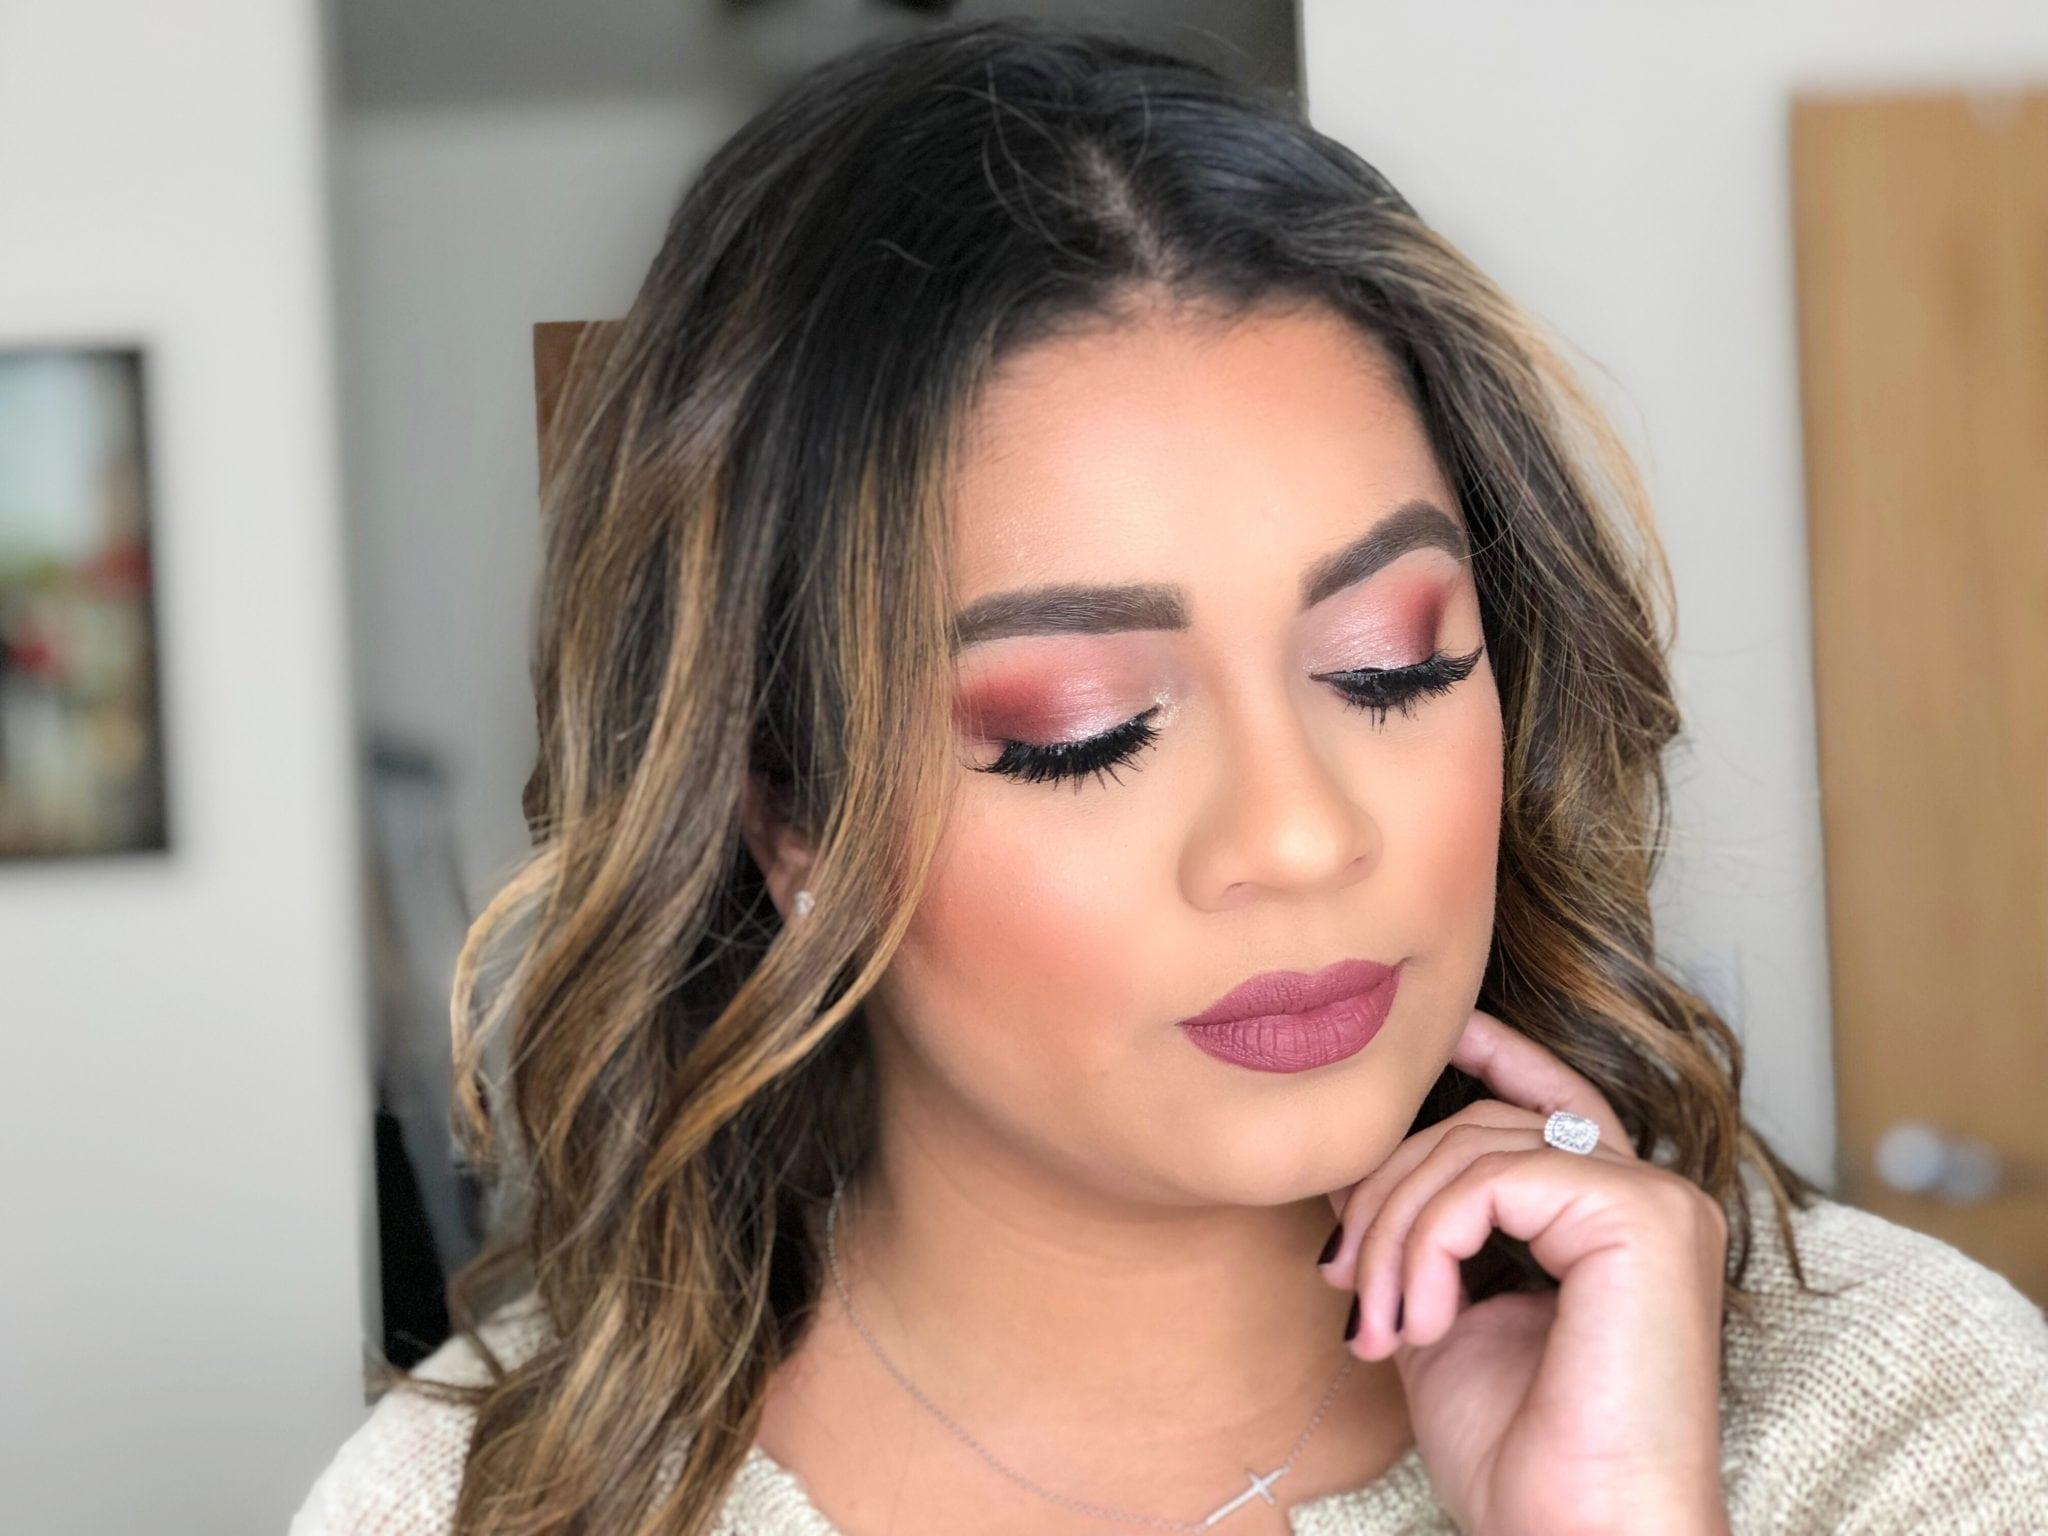 Aplicar base de maquillaje para una apariencia de maquillaje perfecta